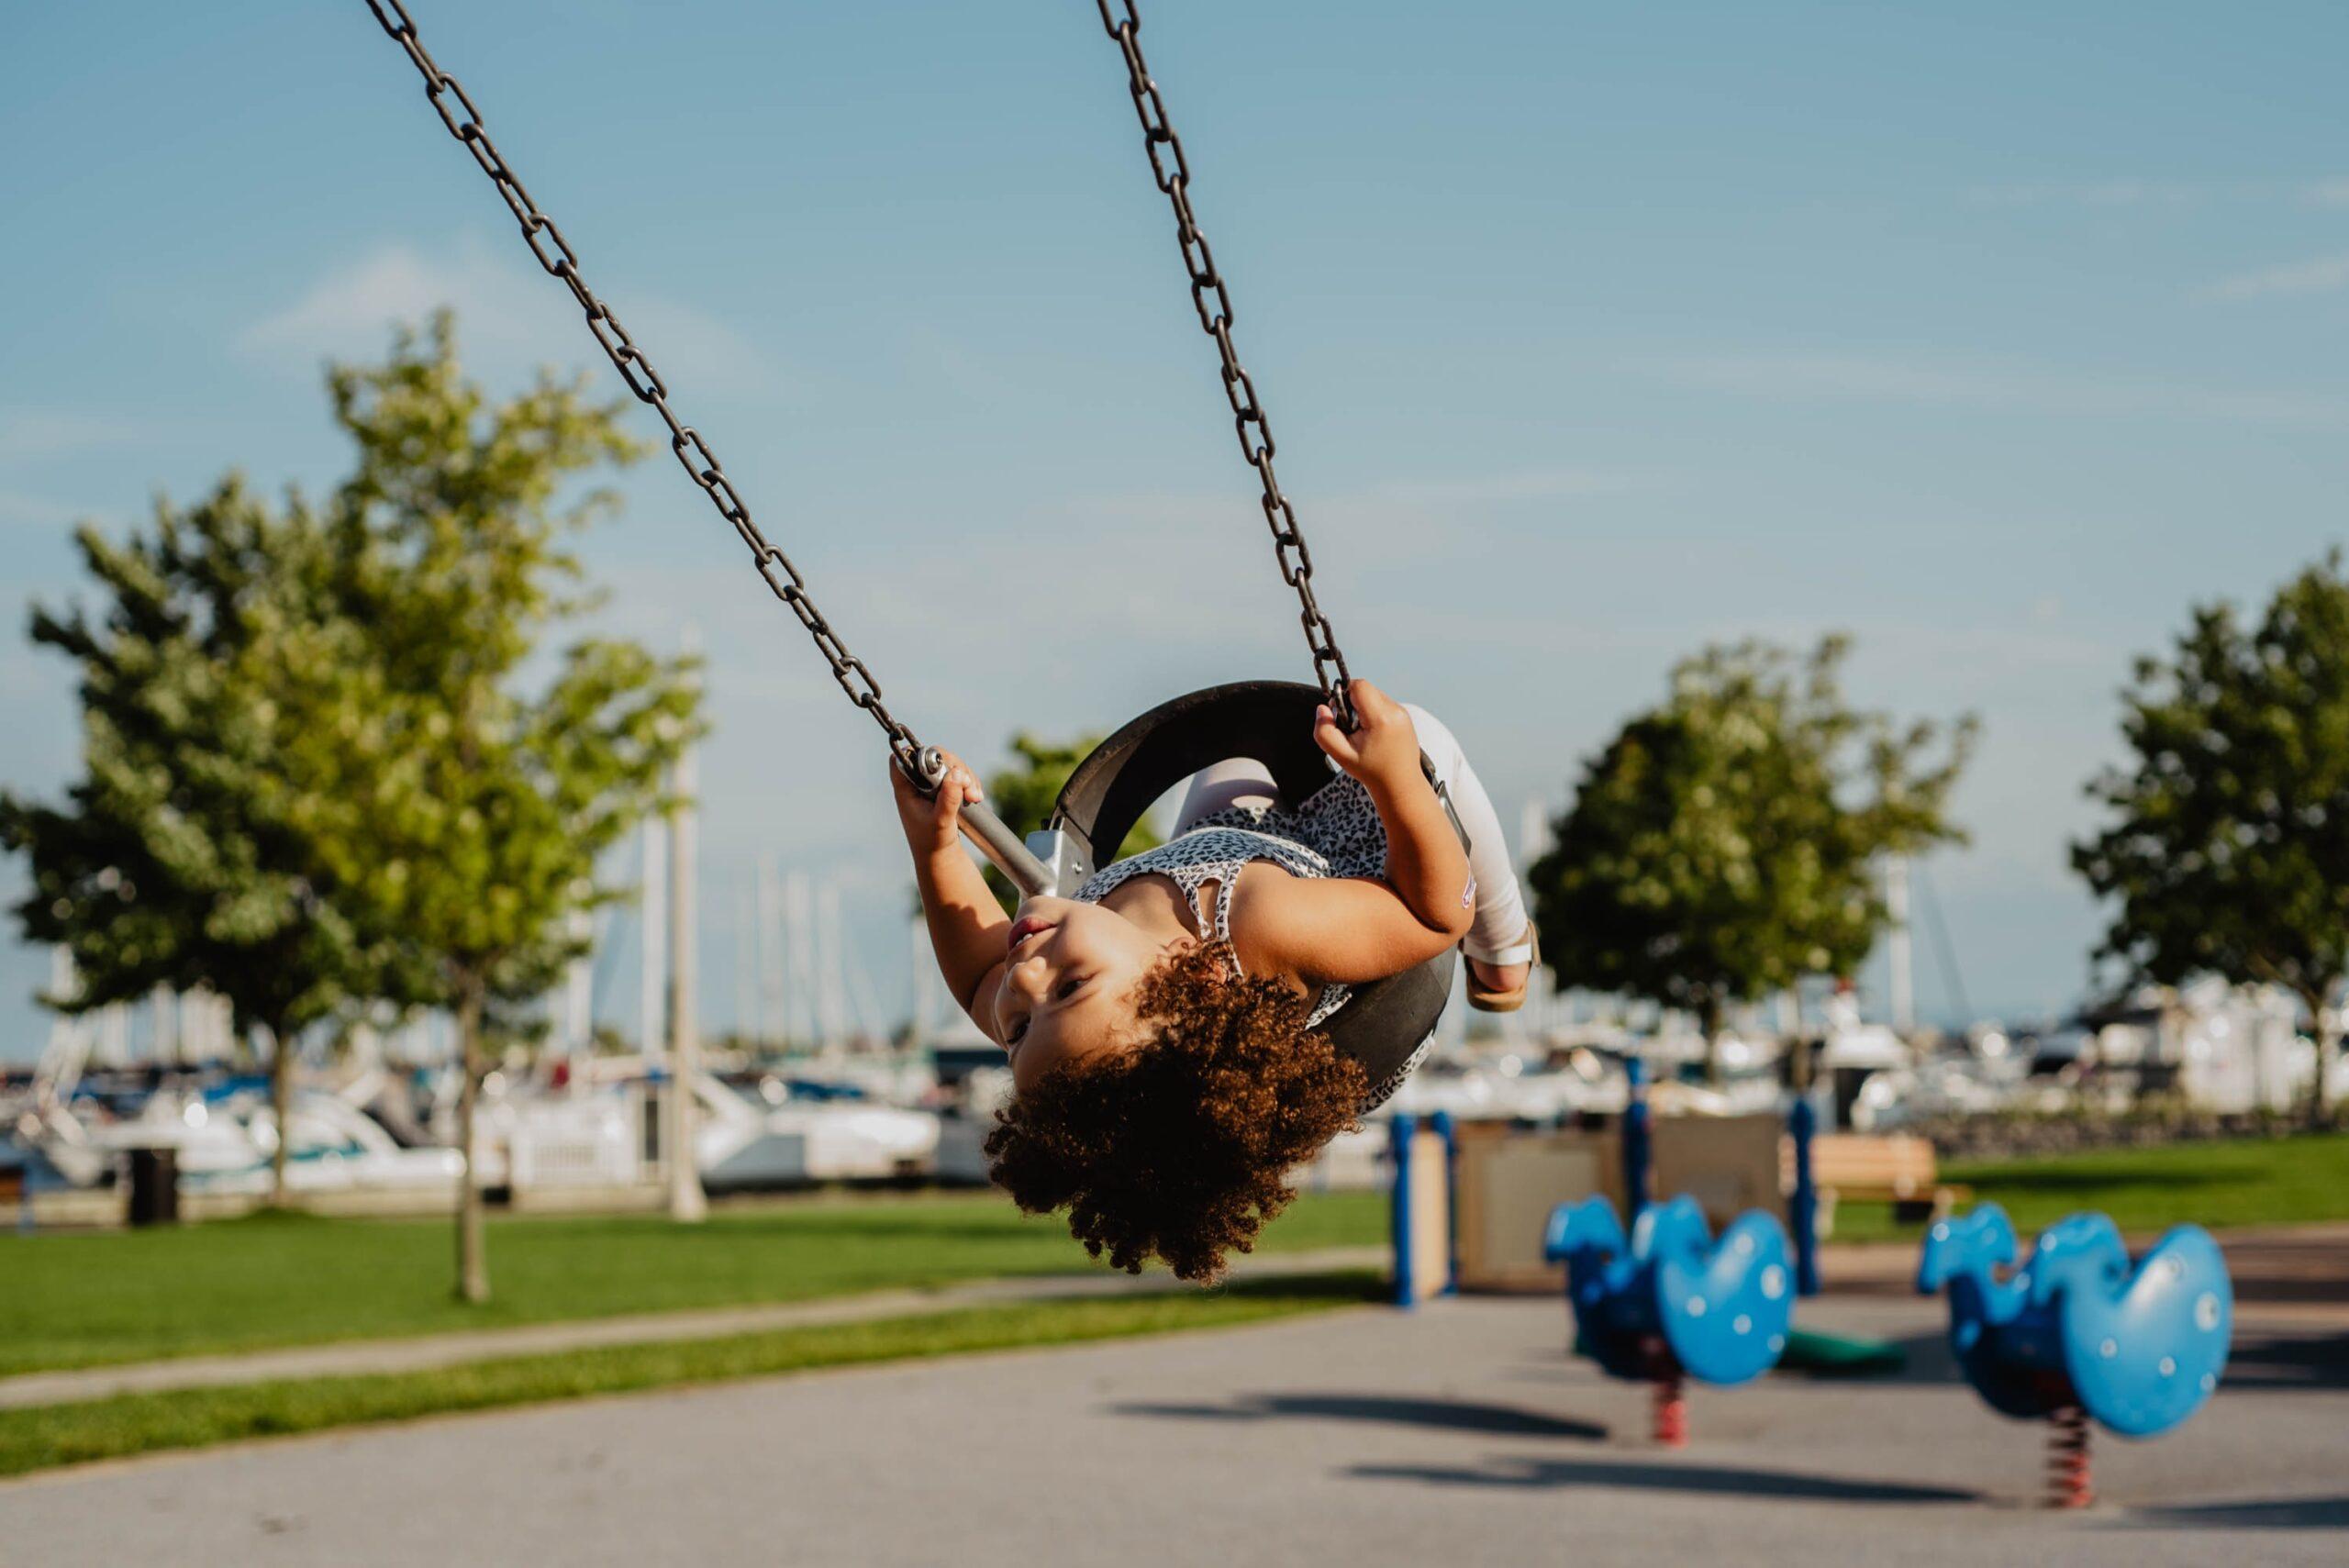 A swinging on a swing